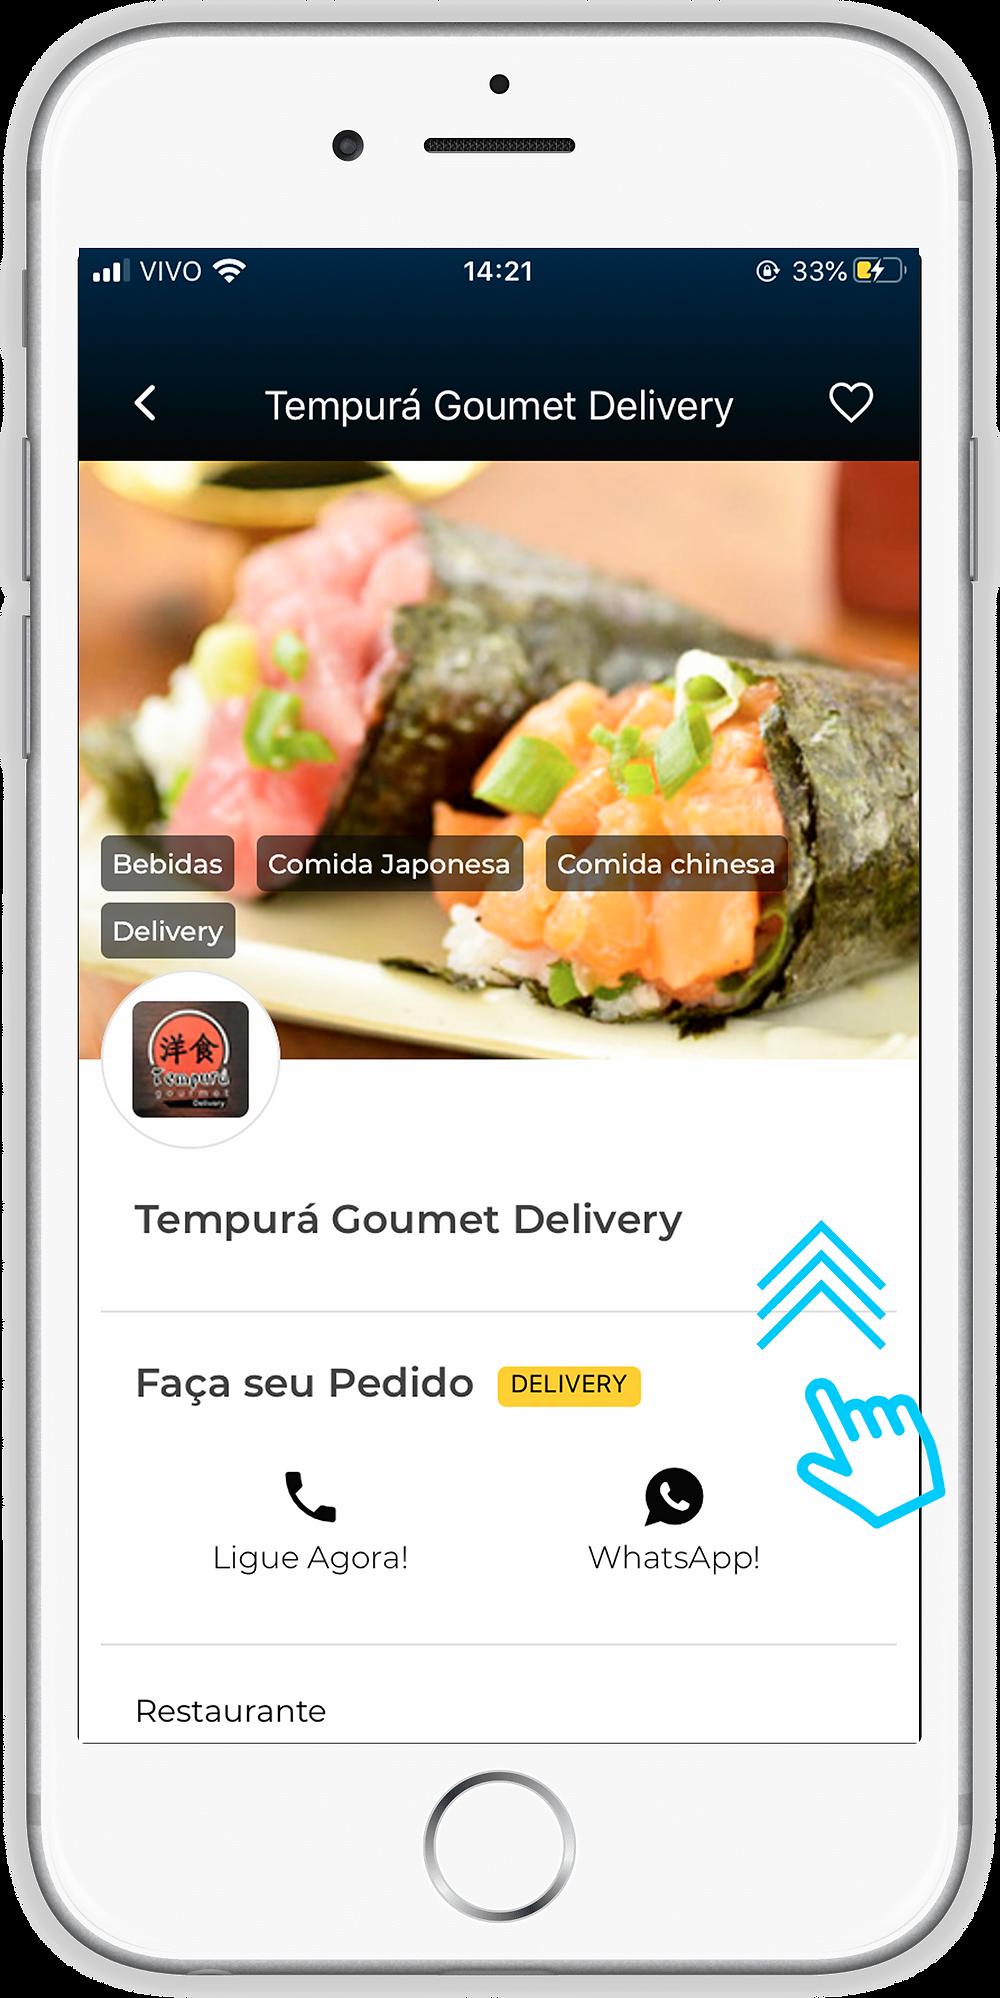 Pagina-do-Tempura-Gourmet-Delivery-no-App-3cash